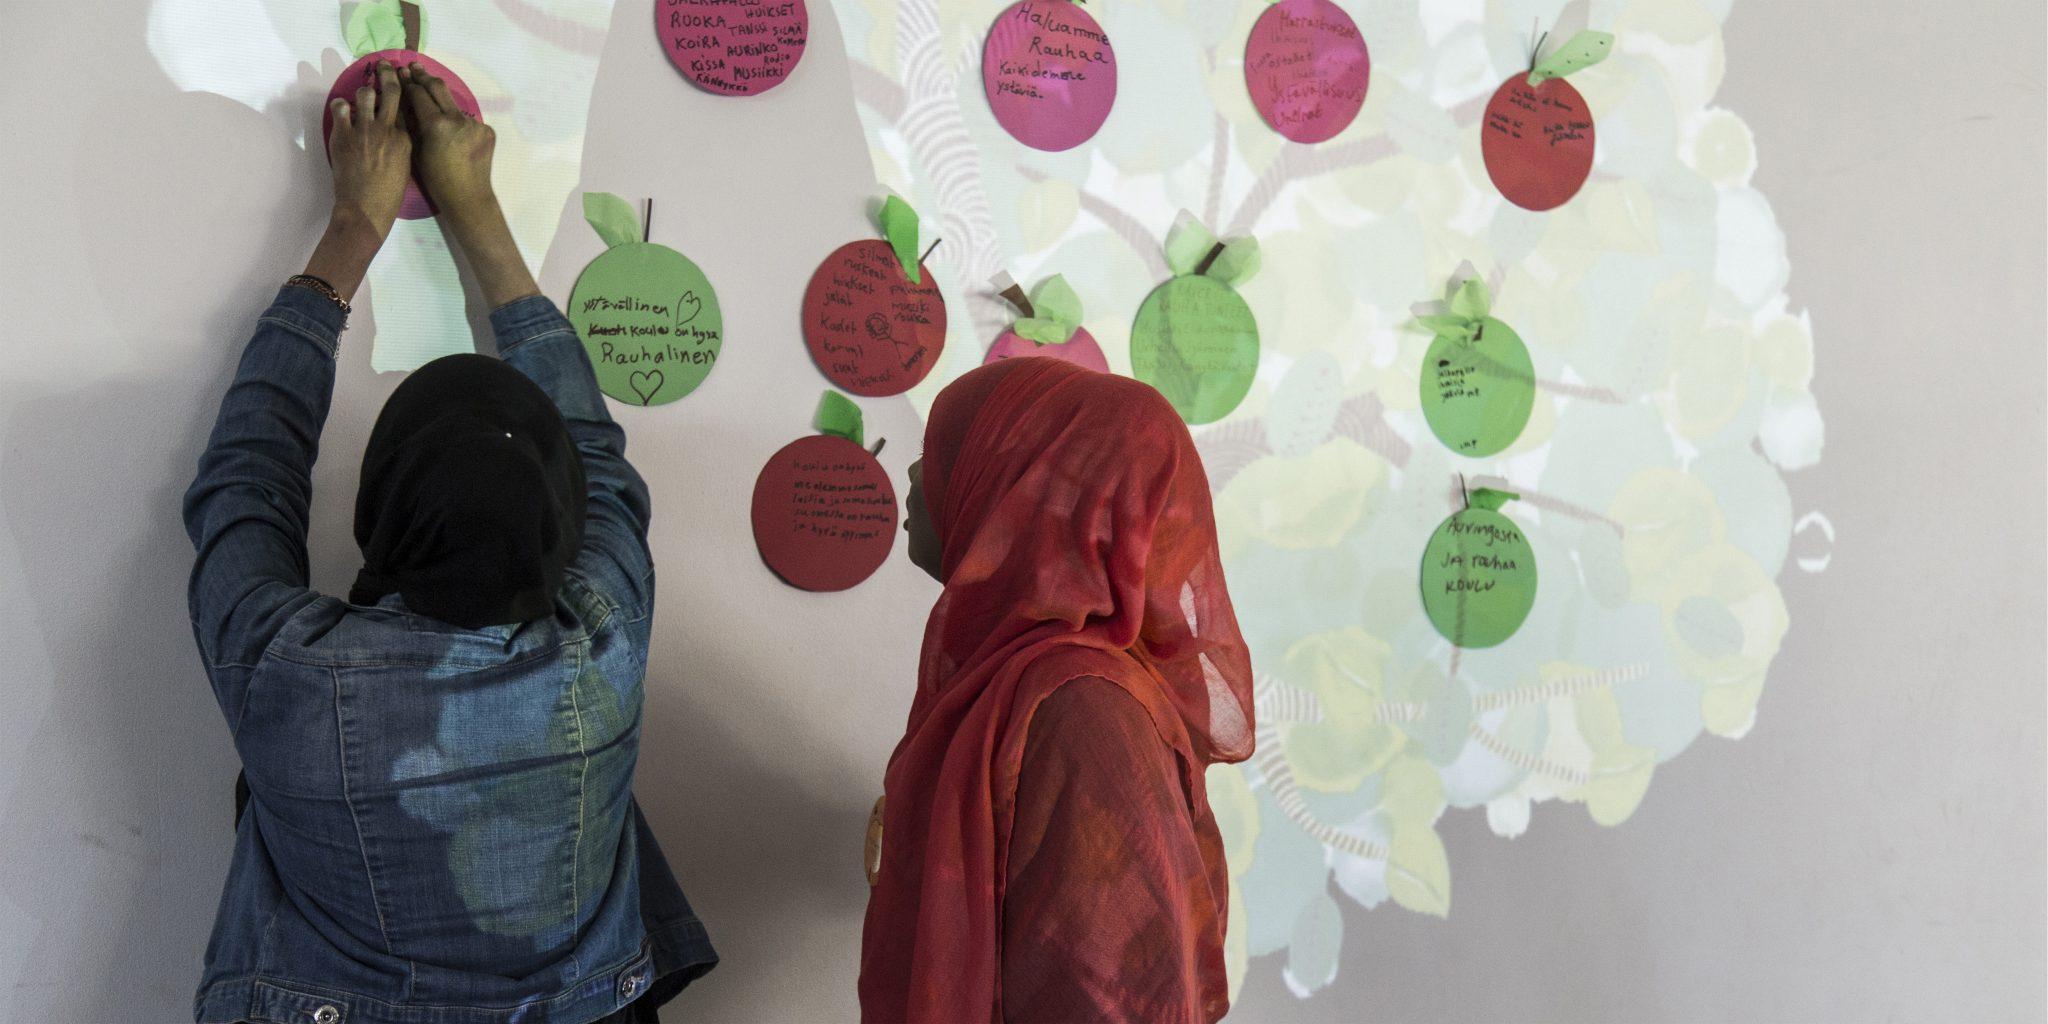 Sata omenapuuta-hankkeen tapahtuma